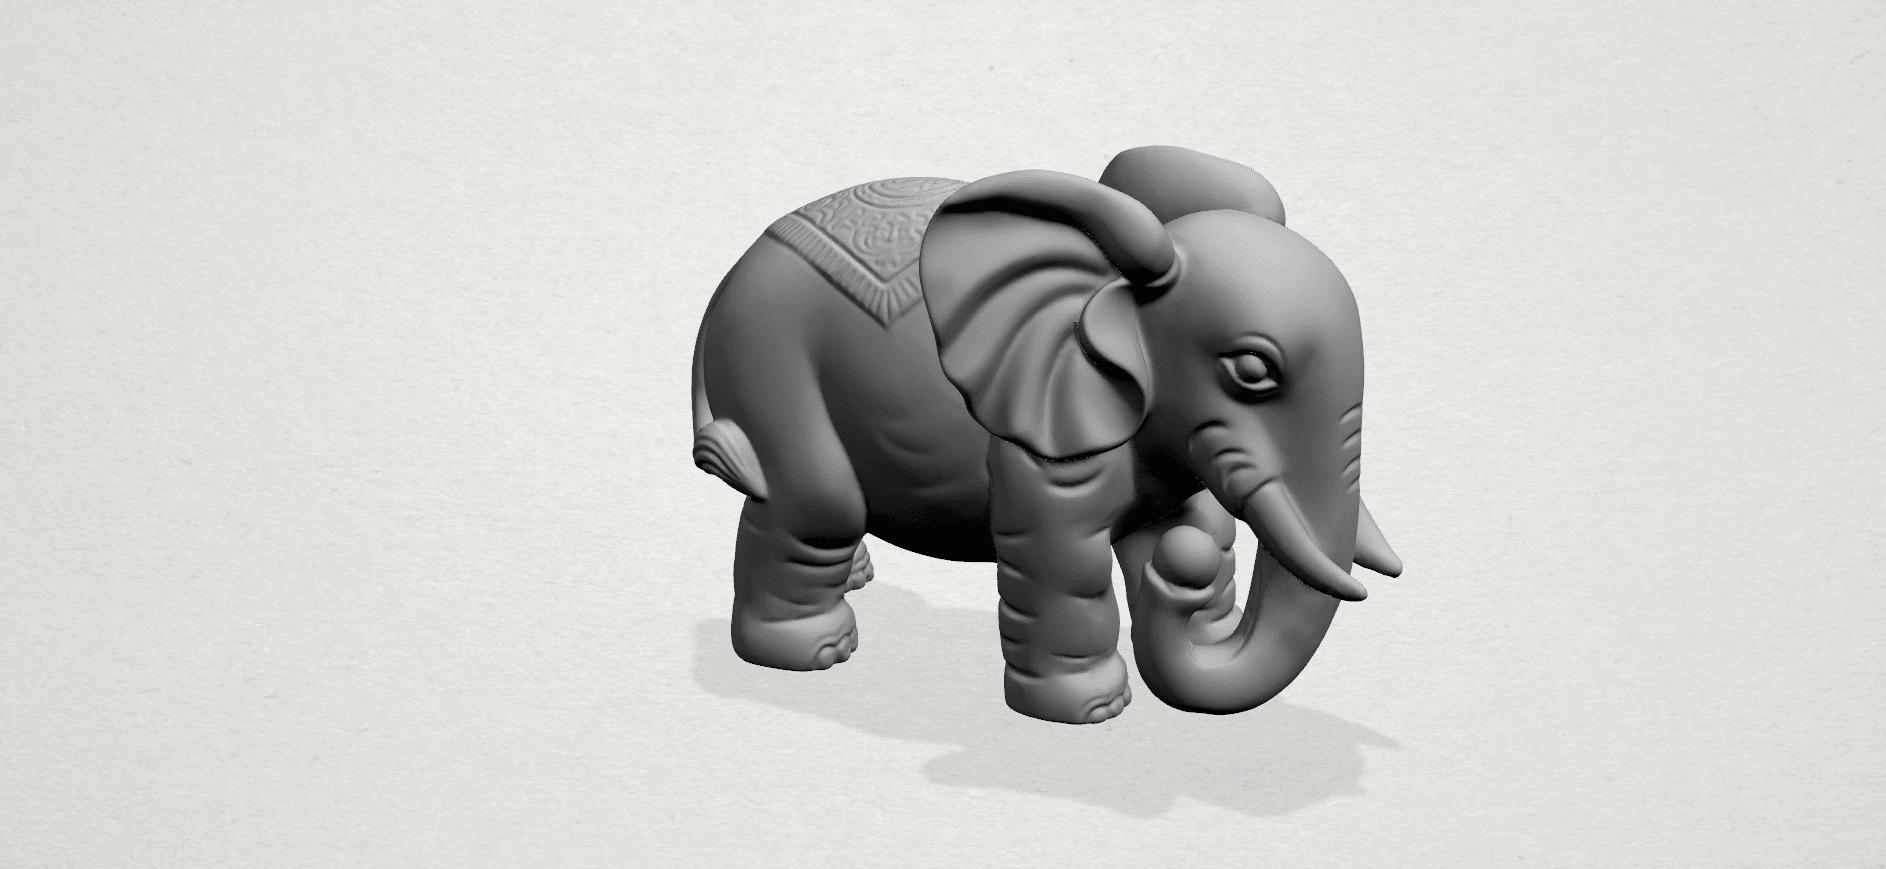 Elephant 03-A05.png Télécharger fichier STL gratuit Éléphant 03 • Modèle imprimable en 3D, GeorgesNikkei